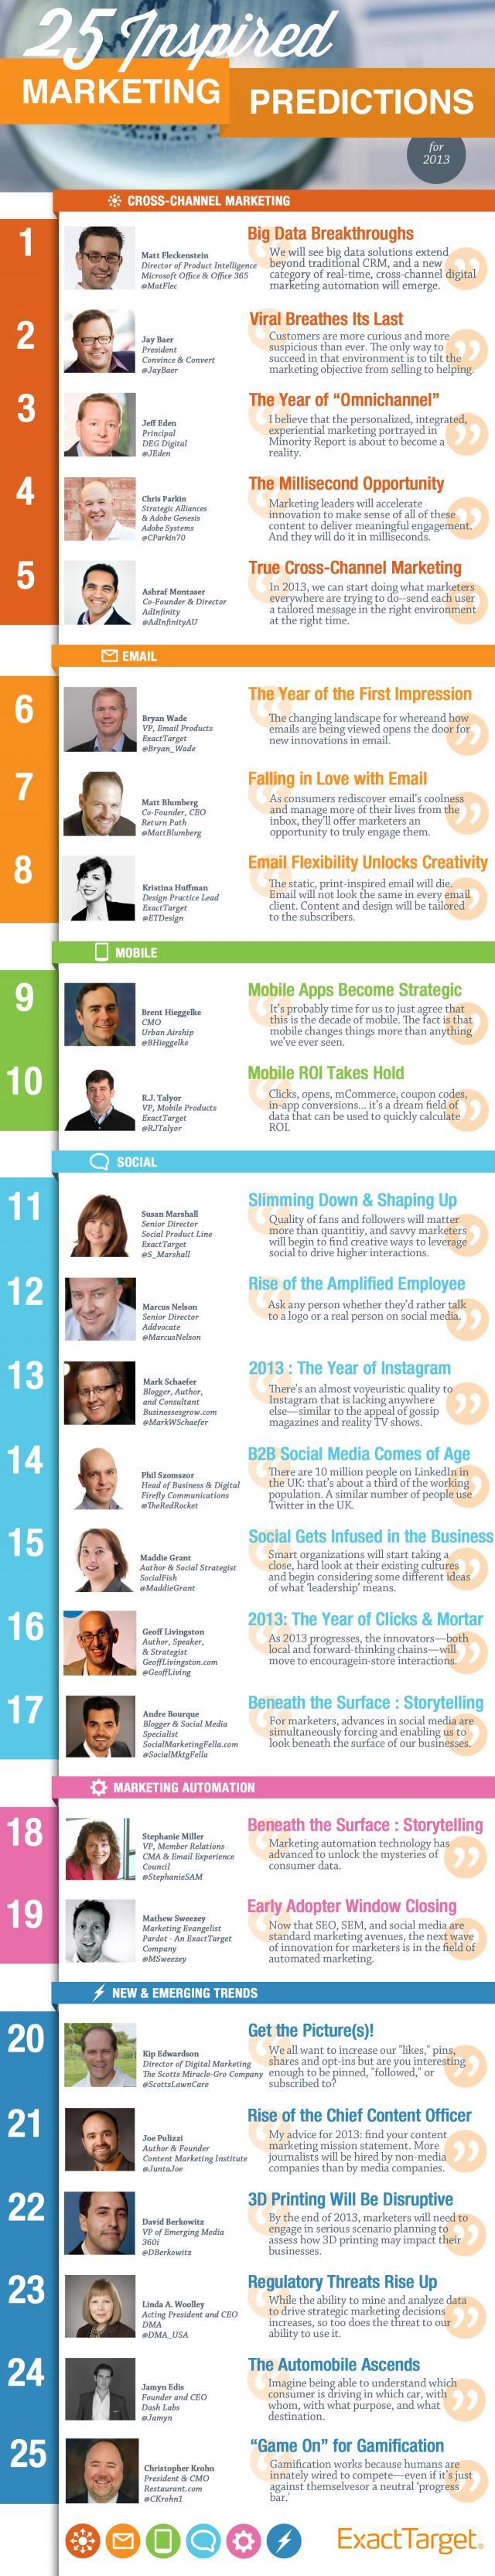 25 predicciones de marketing pata 2013